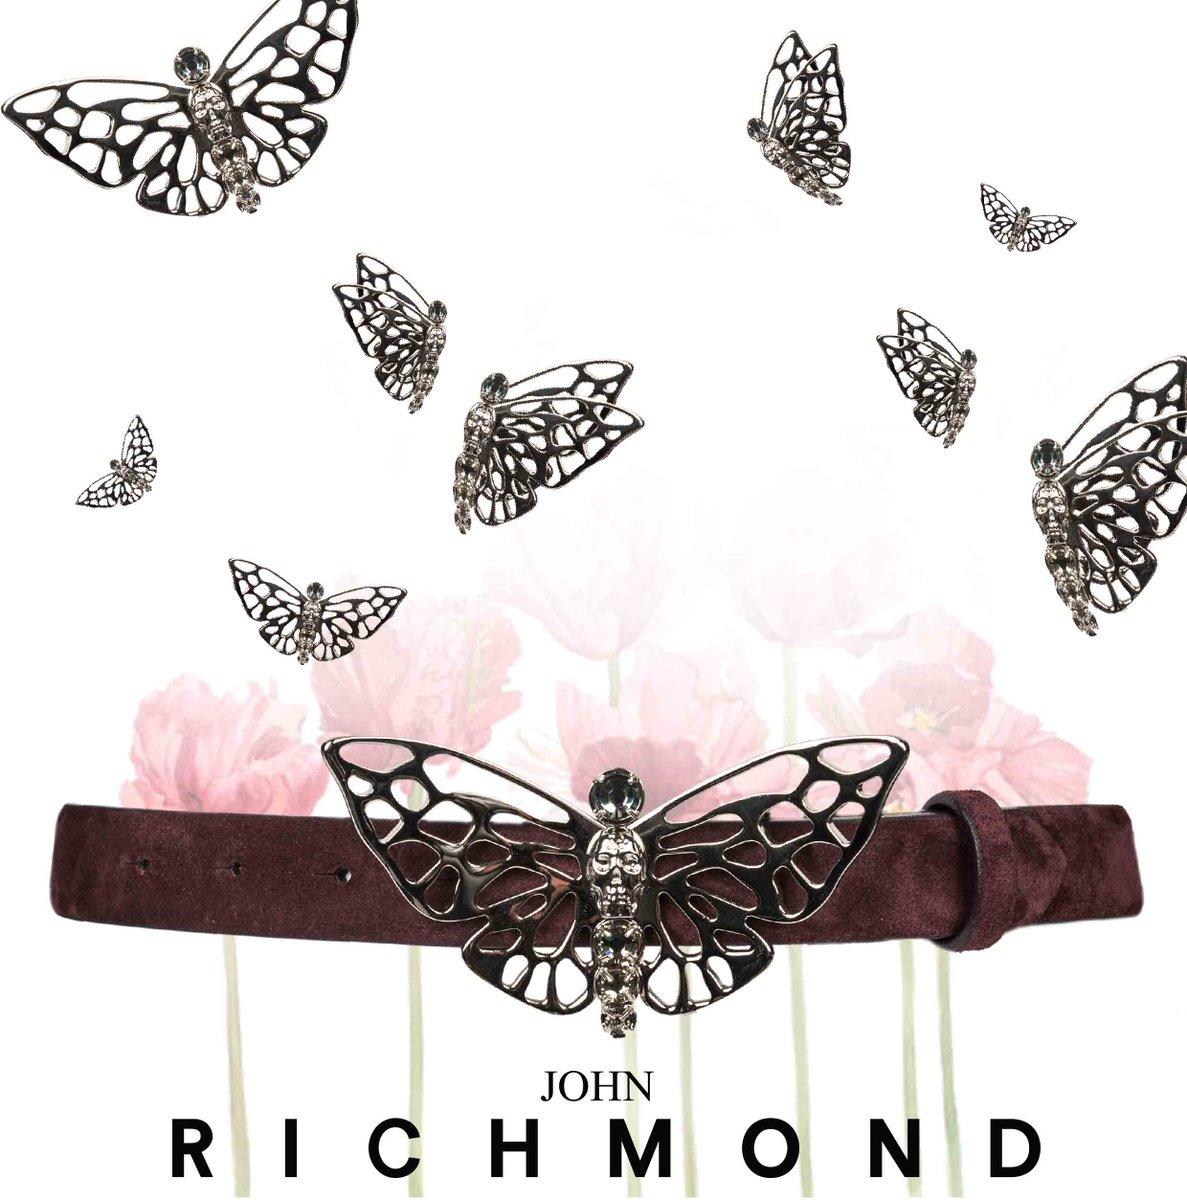 #johnrichmondofficial #johnrichmond #accessories #belt #buttefly #fw1516 #fashion #accessori #cintura #farfalle https://t.co/CEAyfP6kqZ